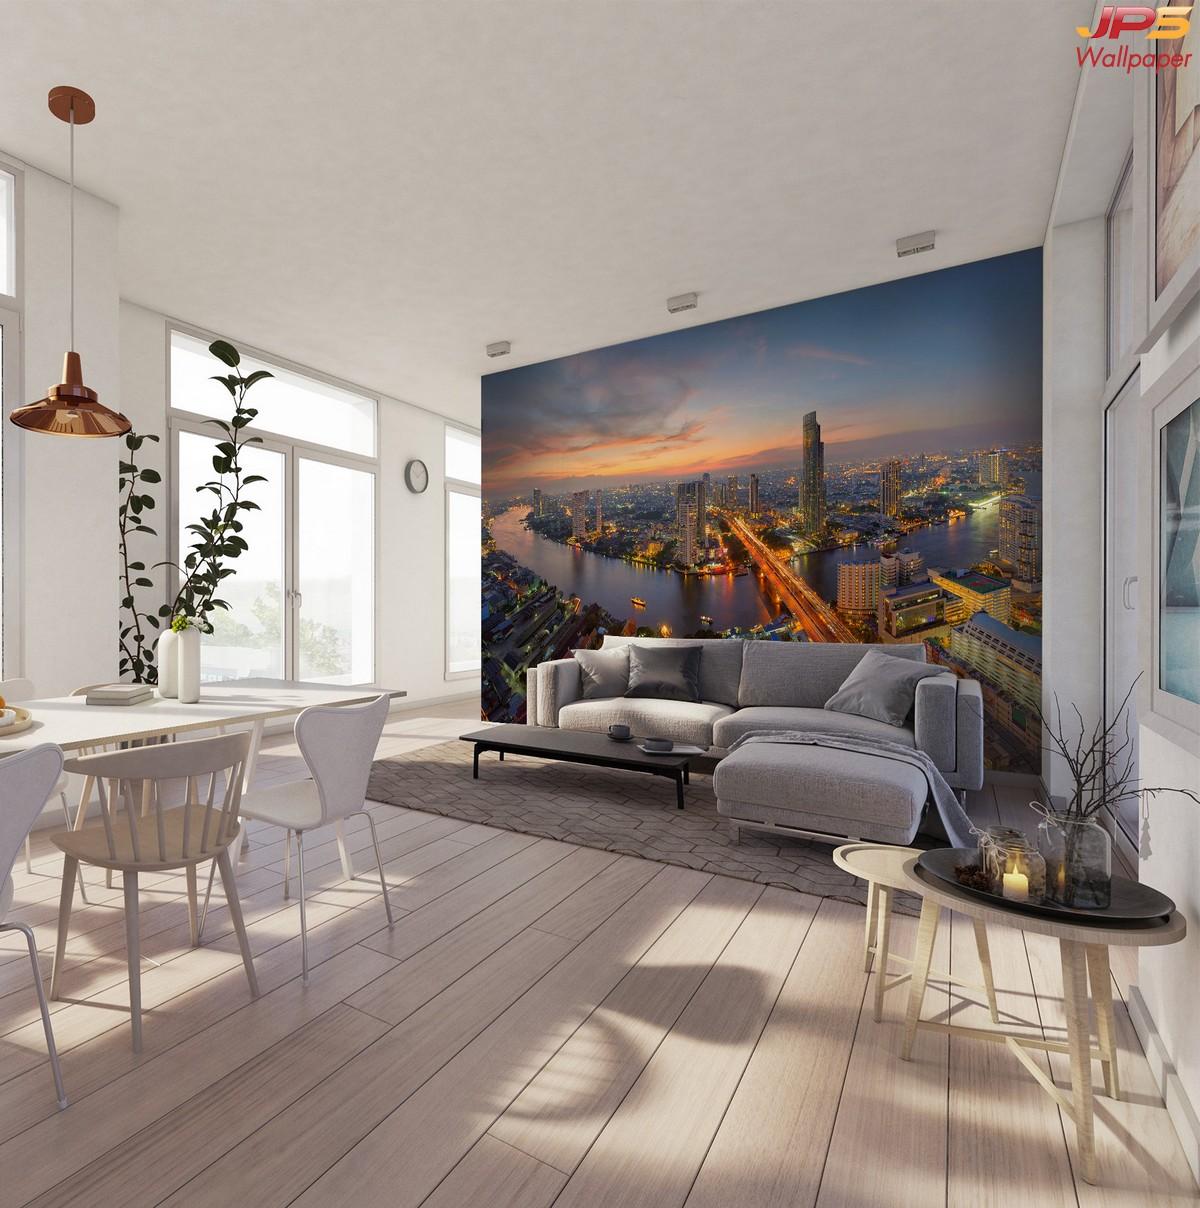 วอลเปเปอร์ผนังลายวิวตึกสูง ภาพเมืองสวยๆ ภาพแสงสีในเมืองติดผนัง สั่งตัดภาพติดผนัง รูปภาพติดผนังแสงสีในเมือง